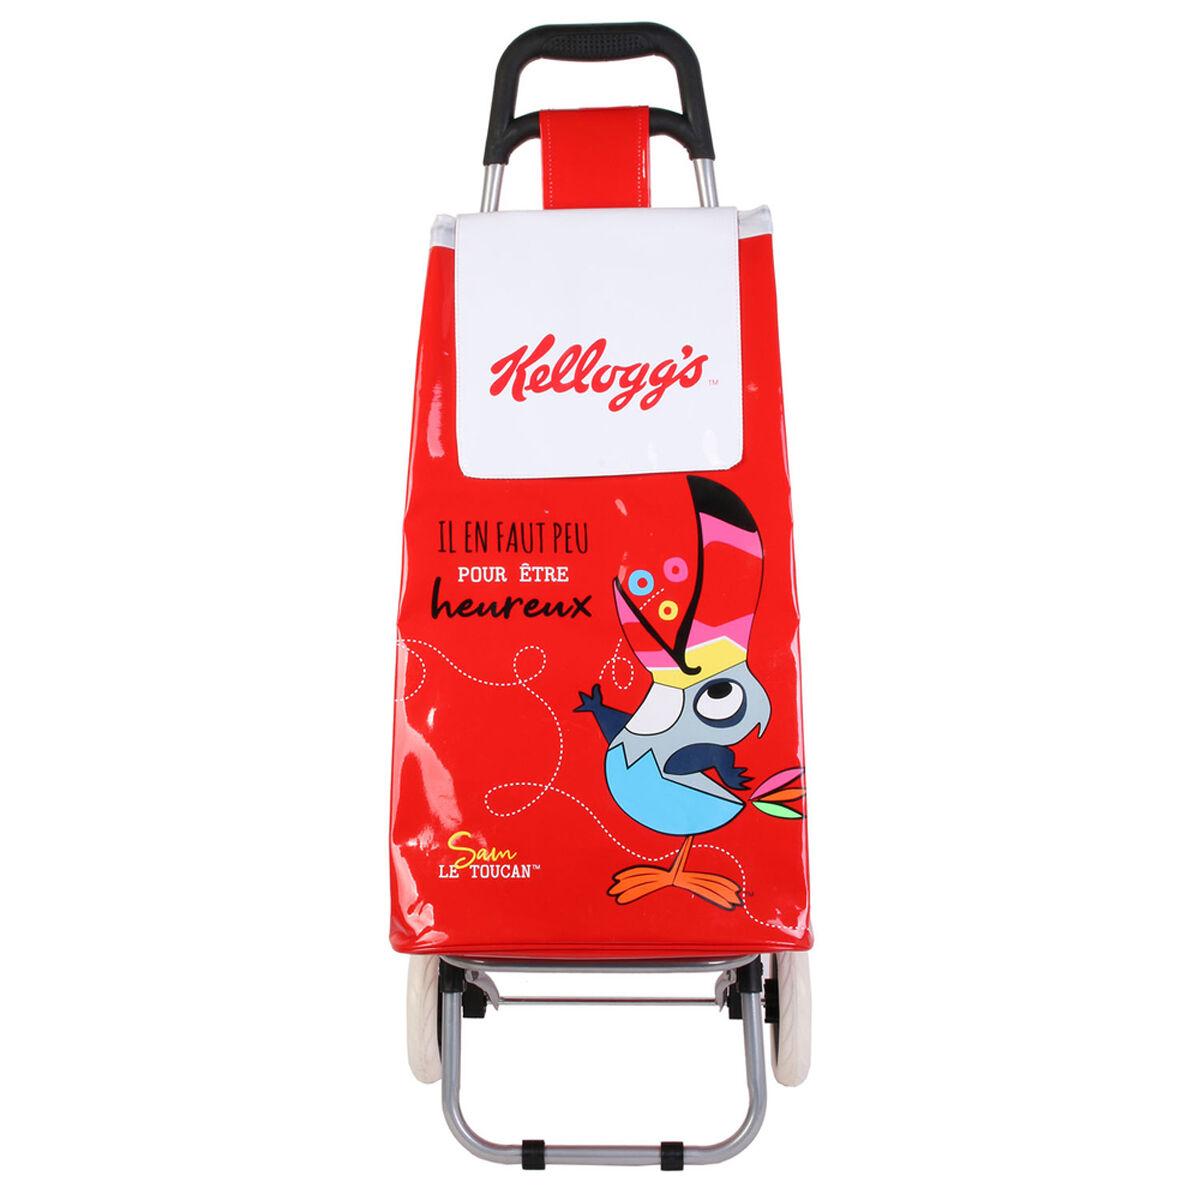 """Kellogg's Caddy de course / Chariot shopping """"Kellogg's"""" rouge - 95x36x31 cm"""